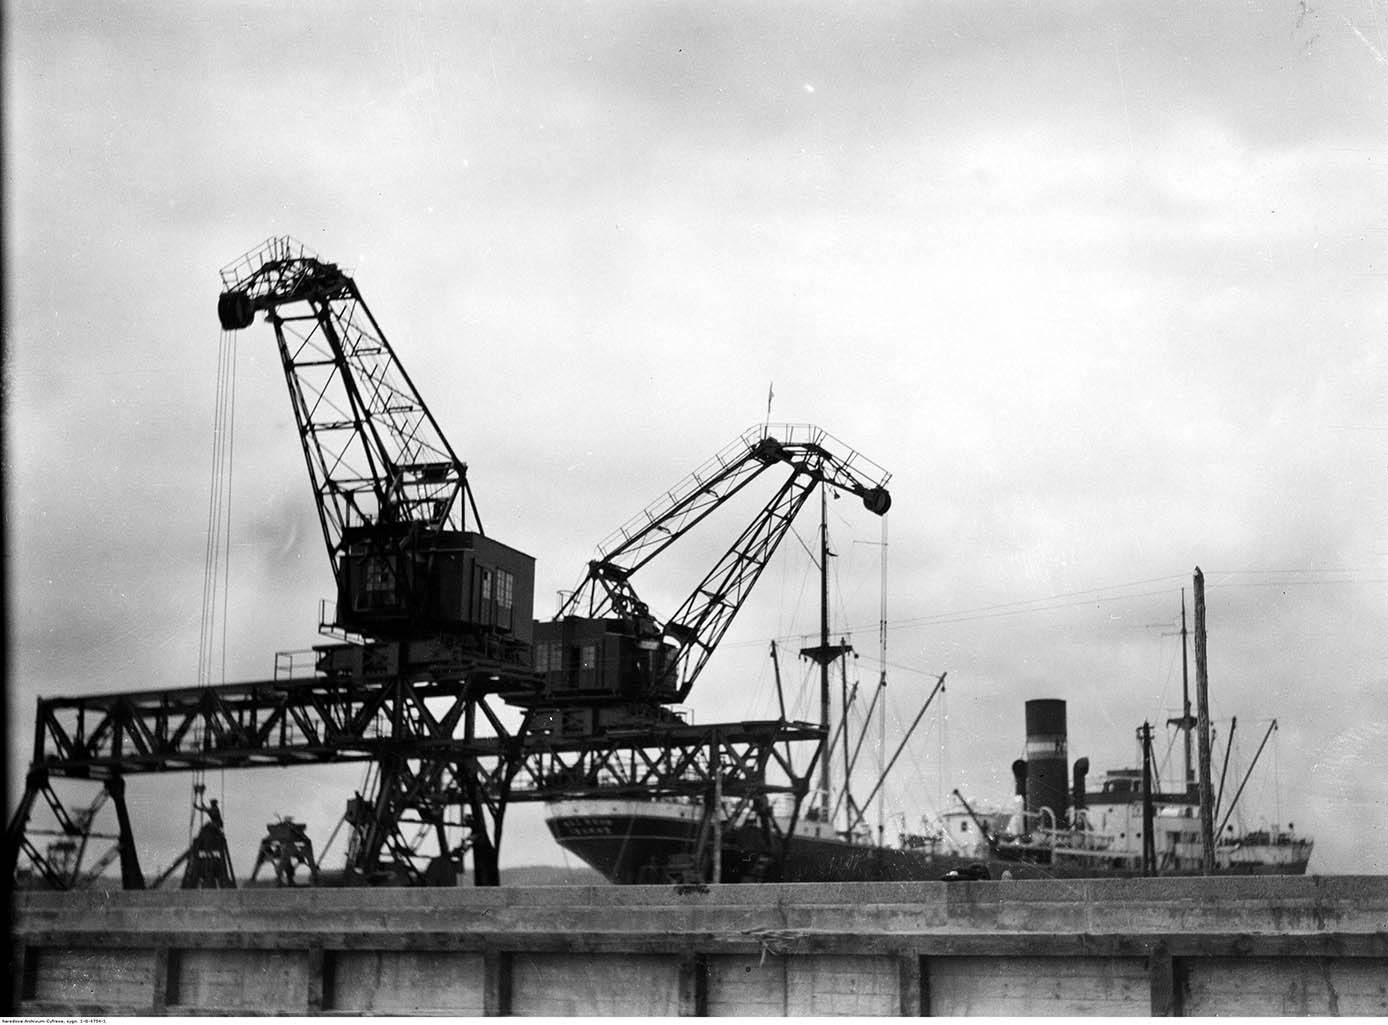 Portowe dźwigi przeładunkowe w basenie marszałka Piłsudskiego.